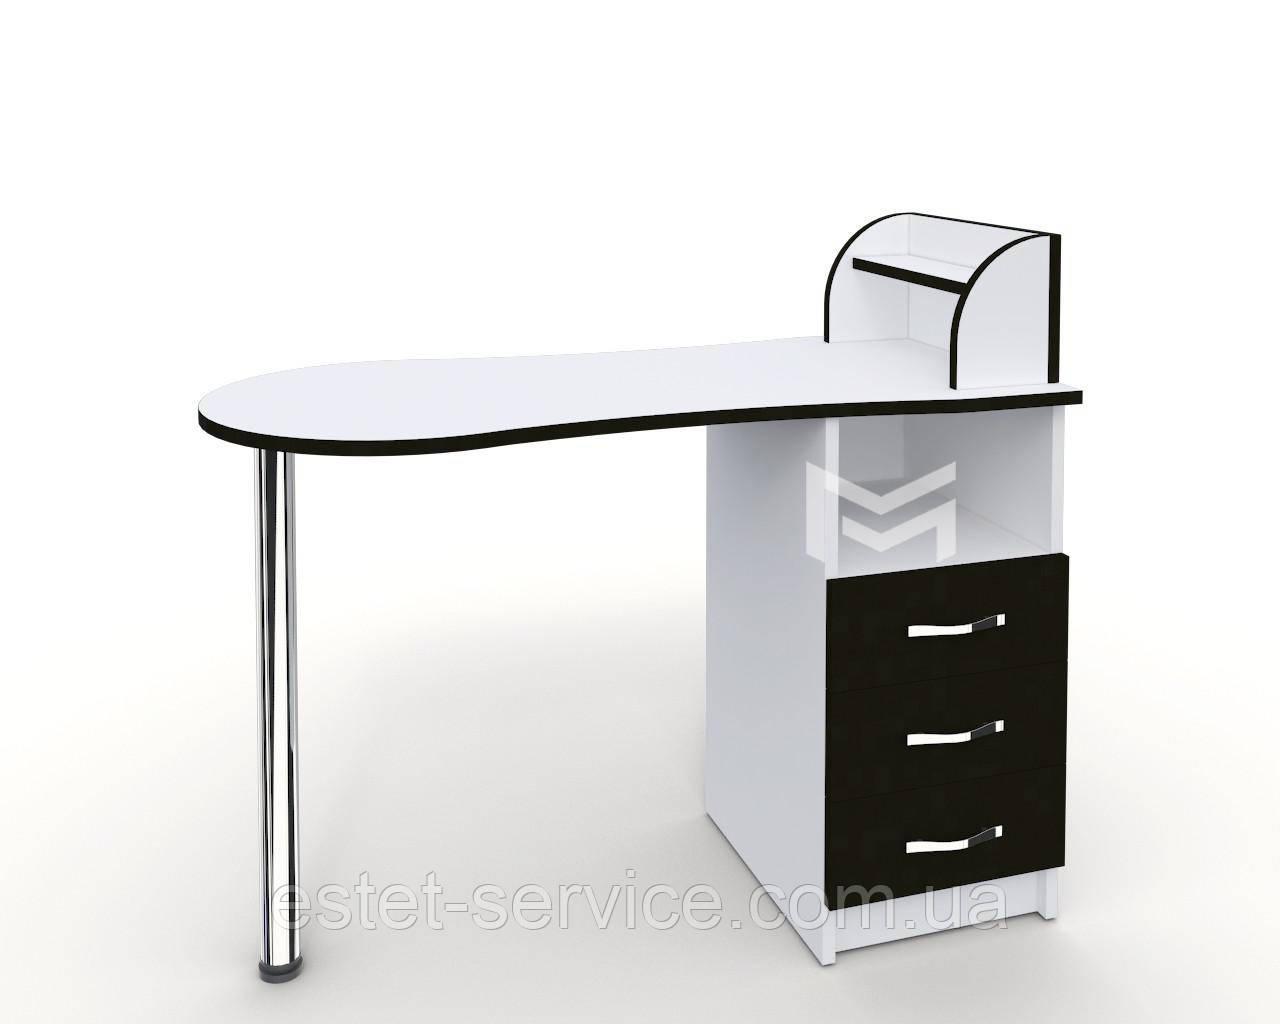 Однотумбовый маникюрный стол M103 Естет №3 с ФАСАДАМИ В ЦВЕТЕ М103